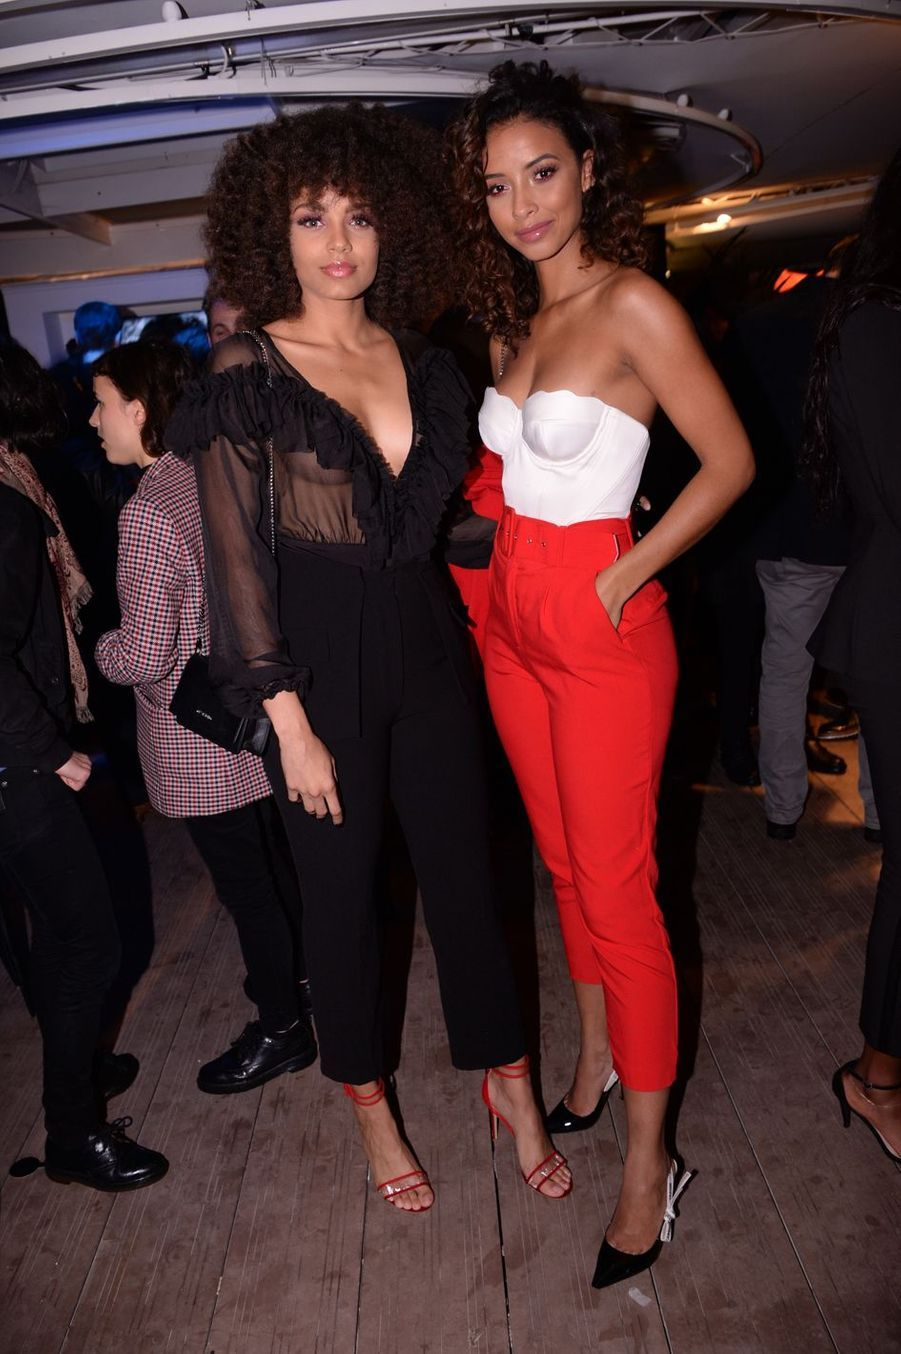 Alicia Aylies et Flora Coquerel lors de la soirée Orange à Cannes, le 18 mai 2019